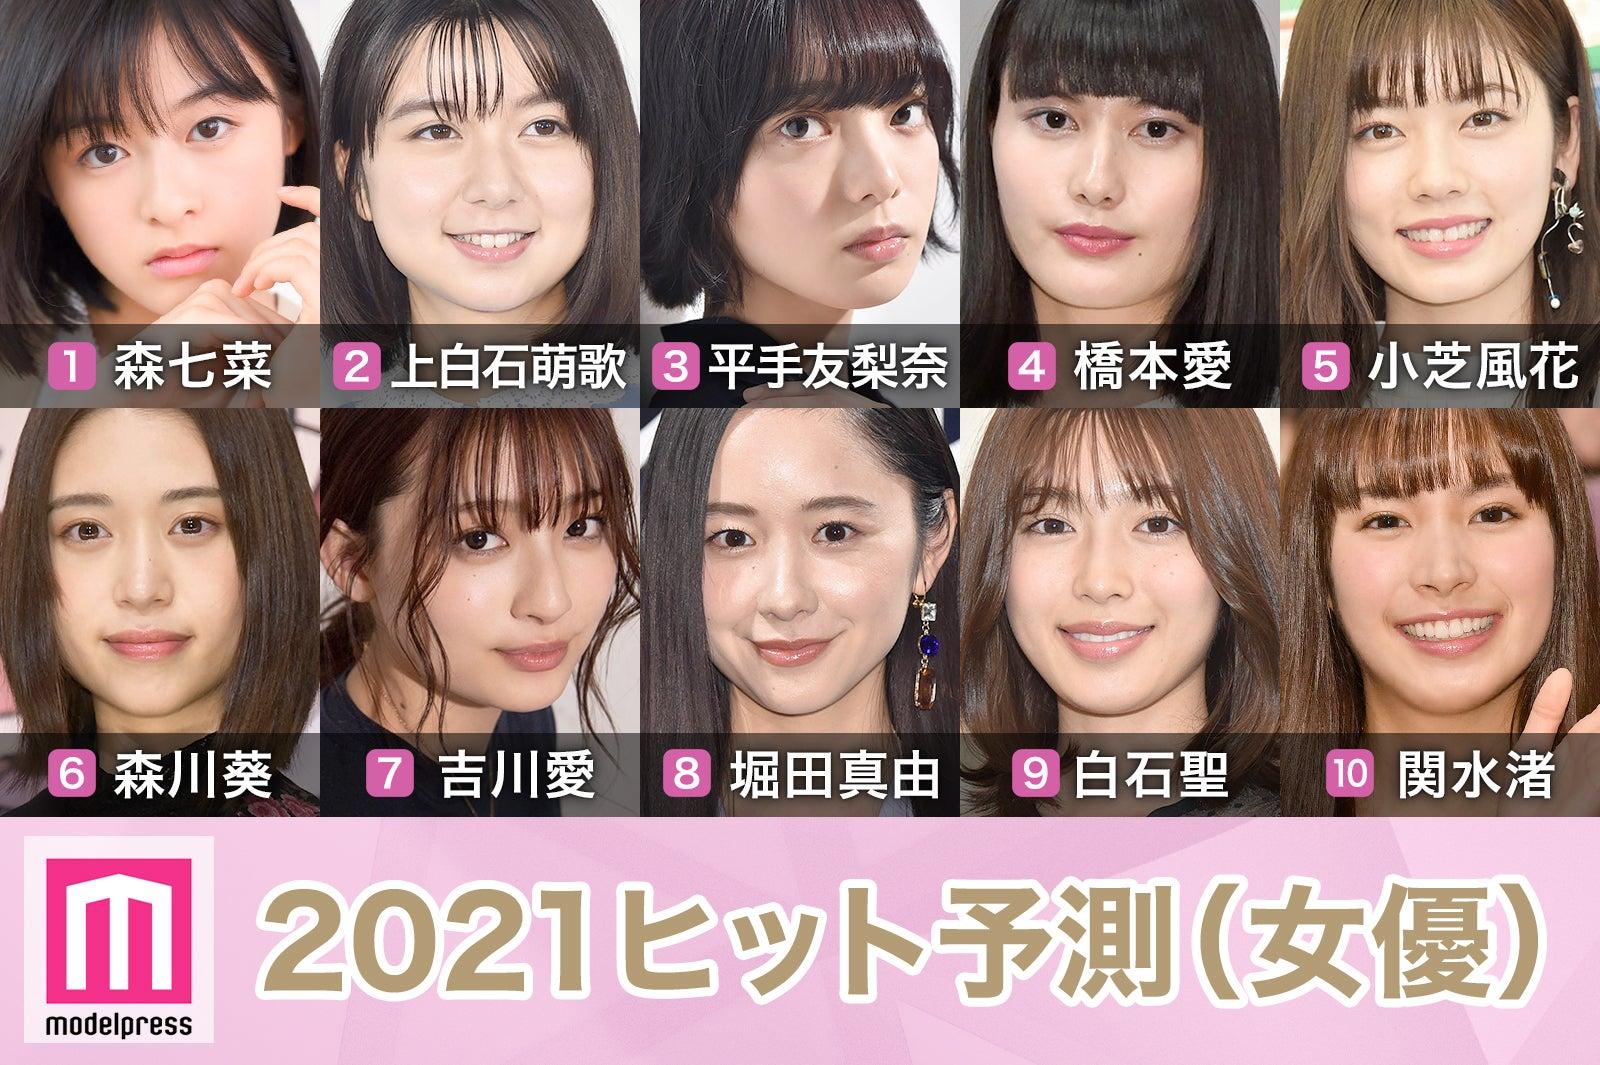 2021ヒット予測」女優部門トップ10 森七菜の勢い止まらず 平手友梨奈の ...